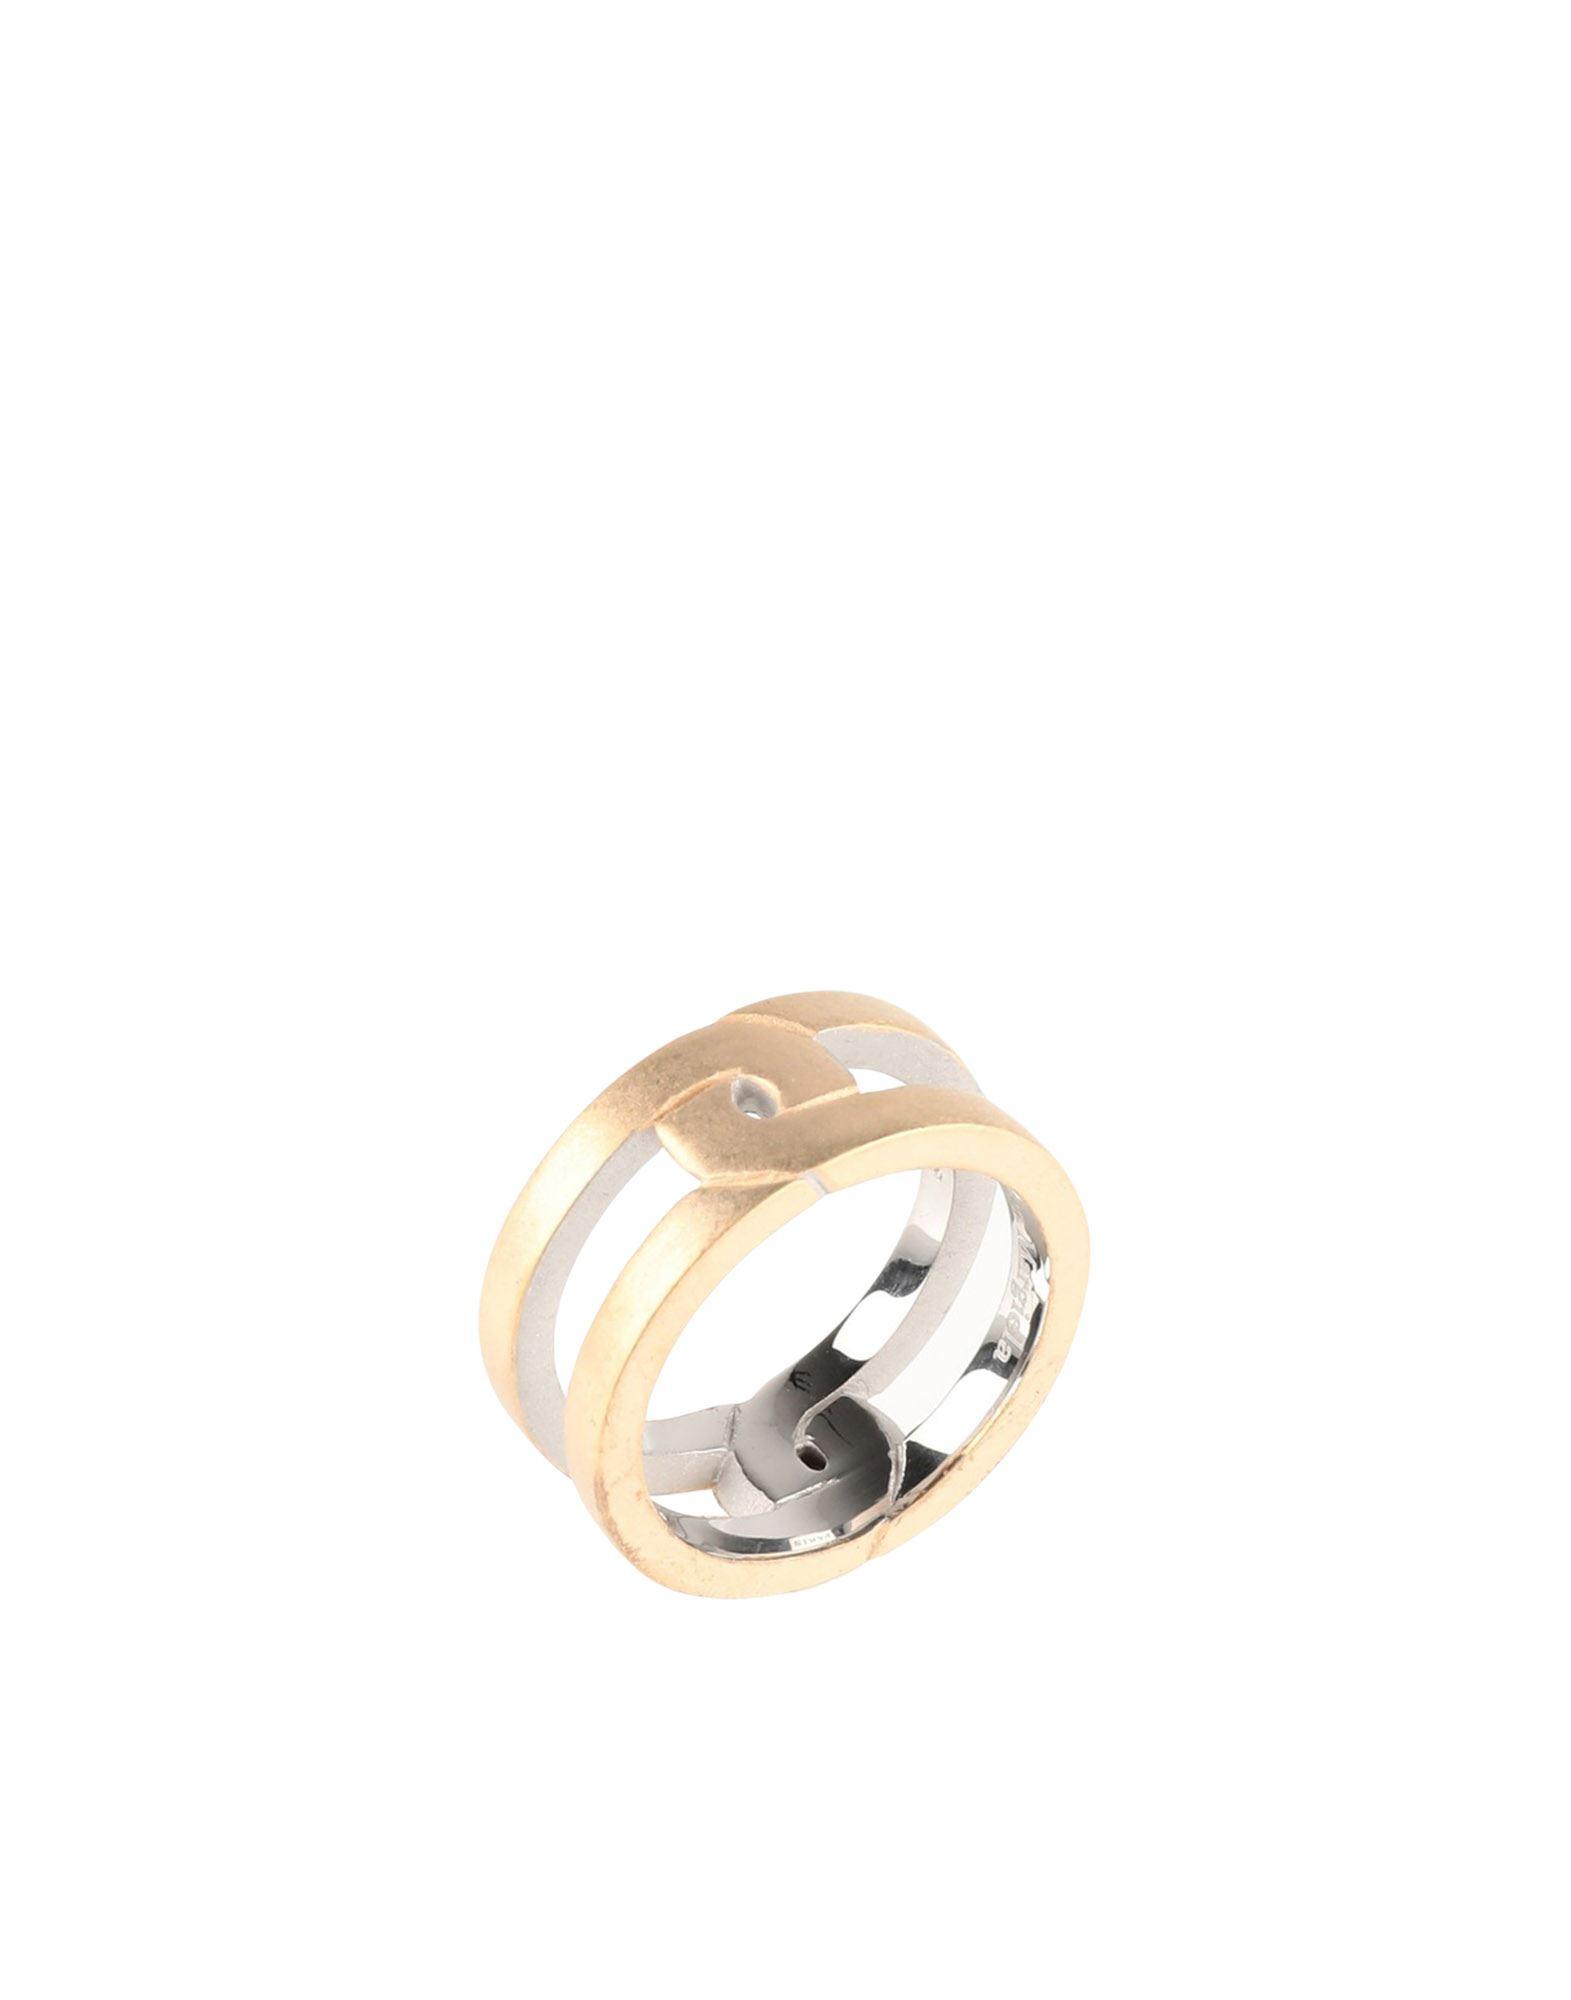 《セール開催中》MAISON MARGIELA メンズ 指輪 カッパー XS シルバー925/1000 100%